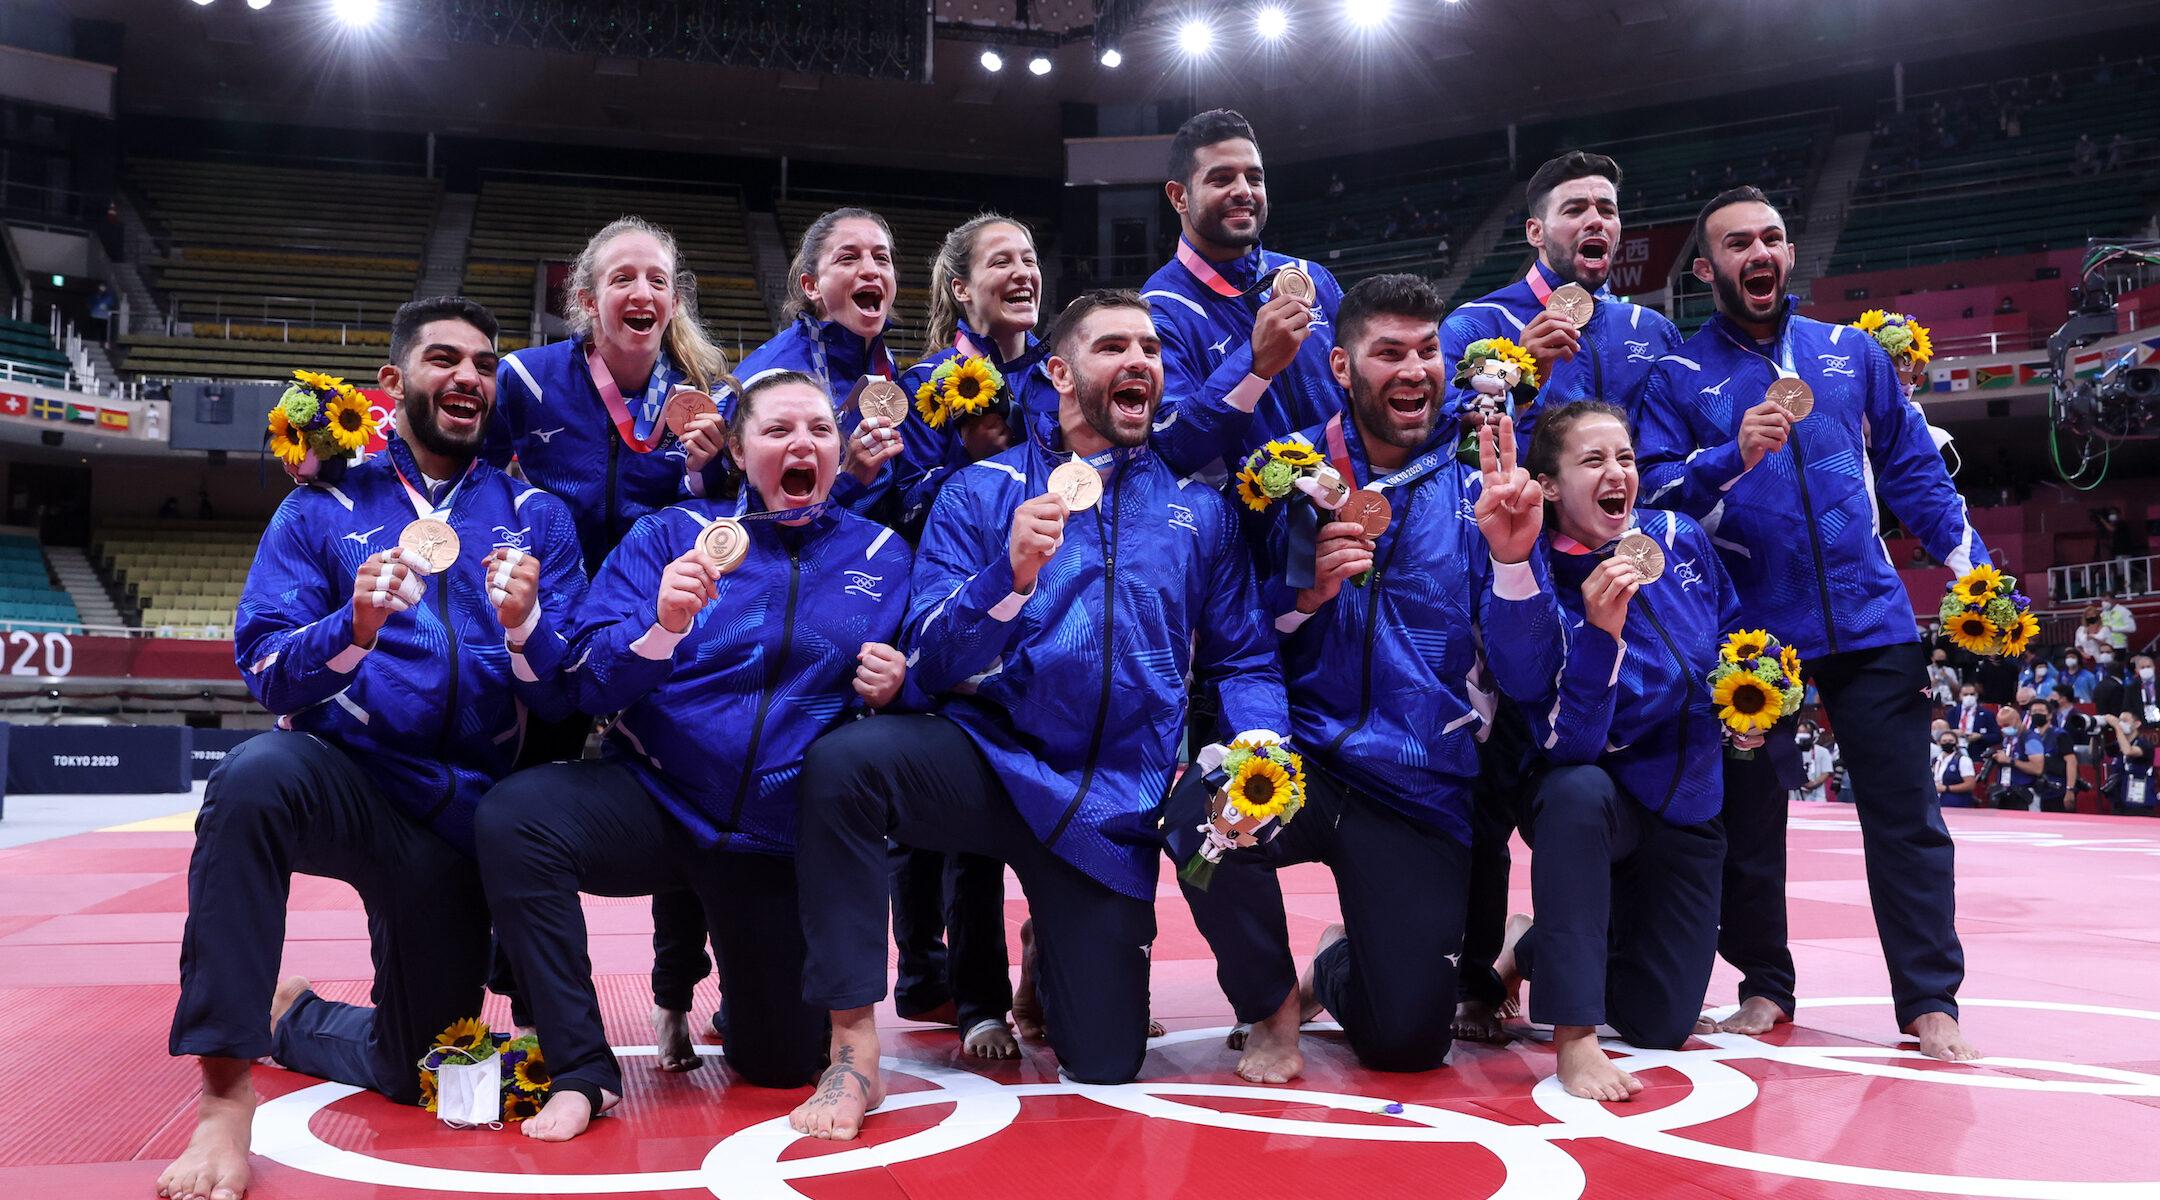 Israeli judokas